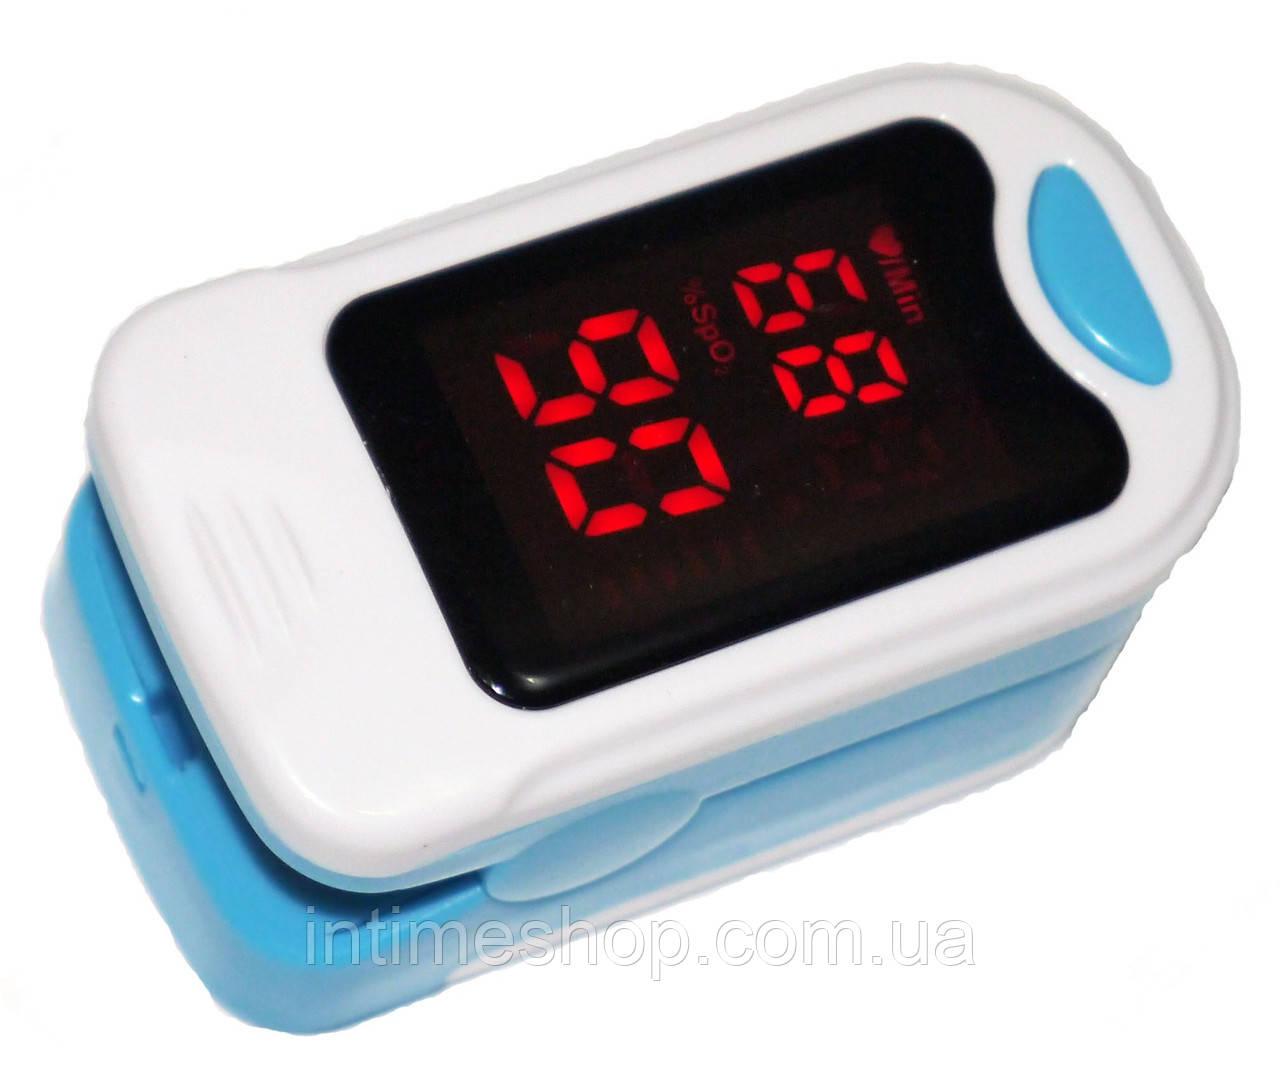 Пульсометр, точный пульсоксиметр, оксиметр, портативный / компактный пульсометр на палец с доставкой